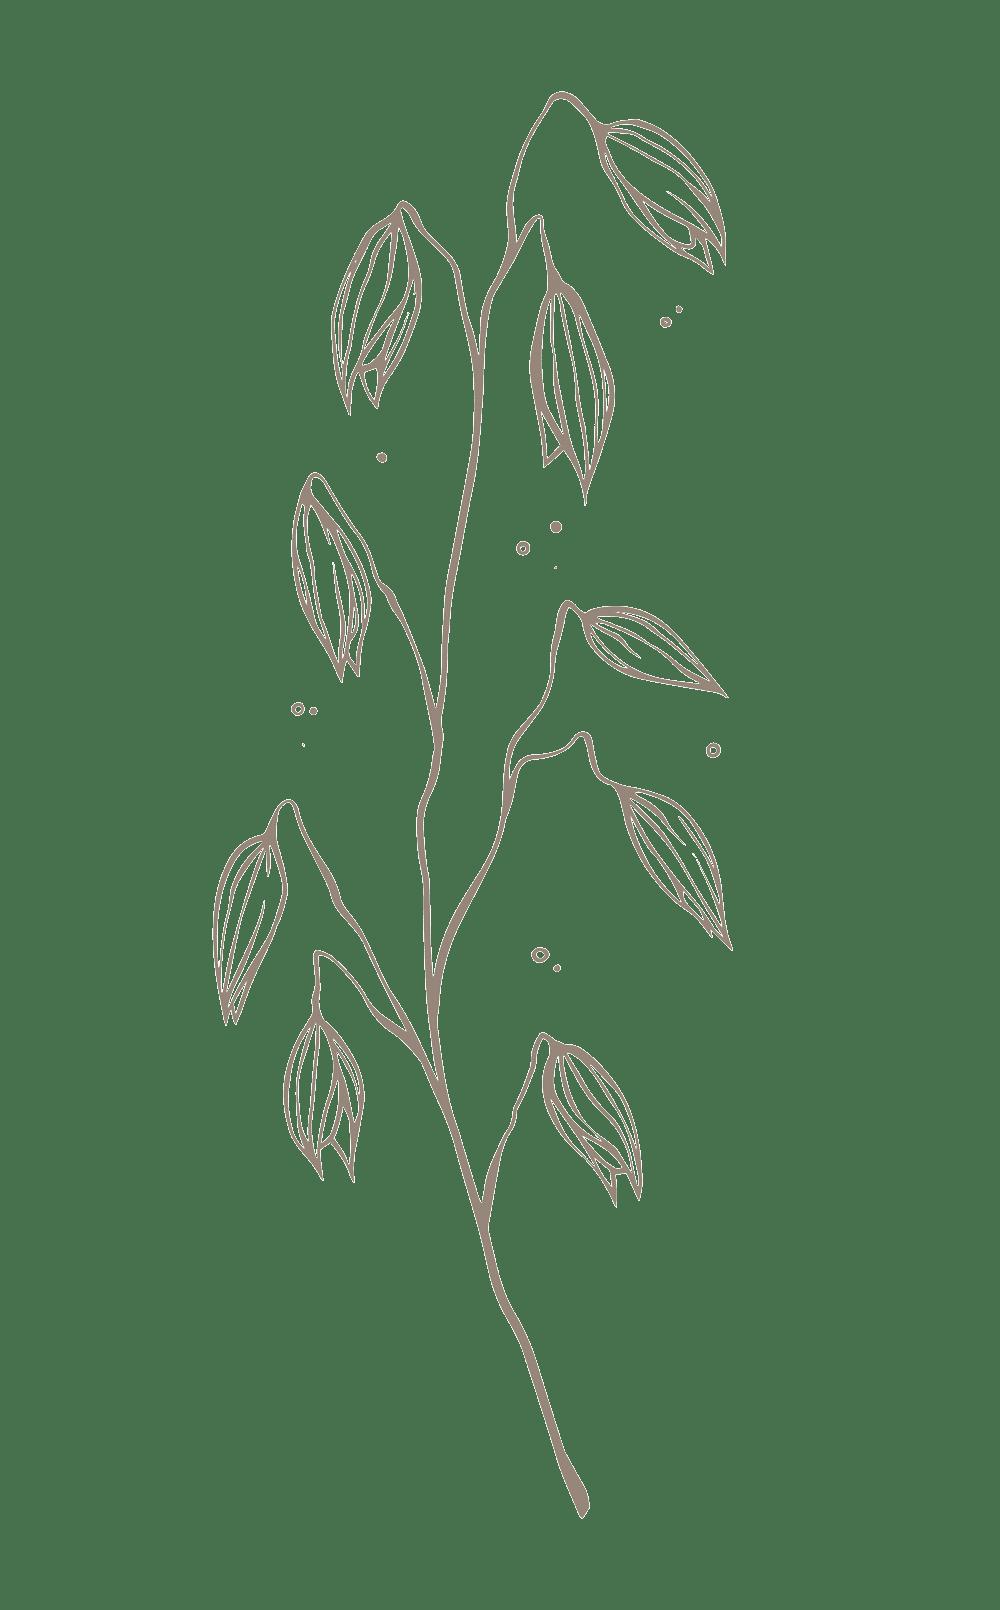 rimita-green-ingredients-web-kaura